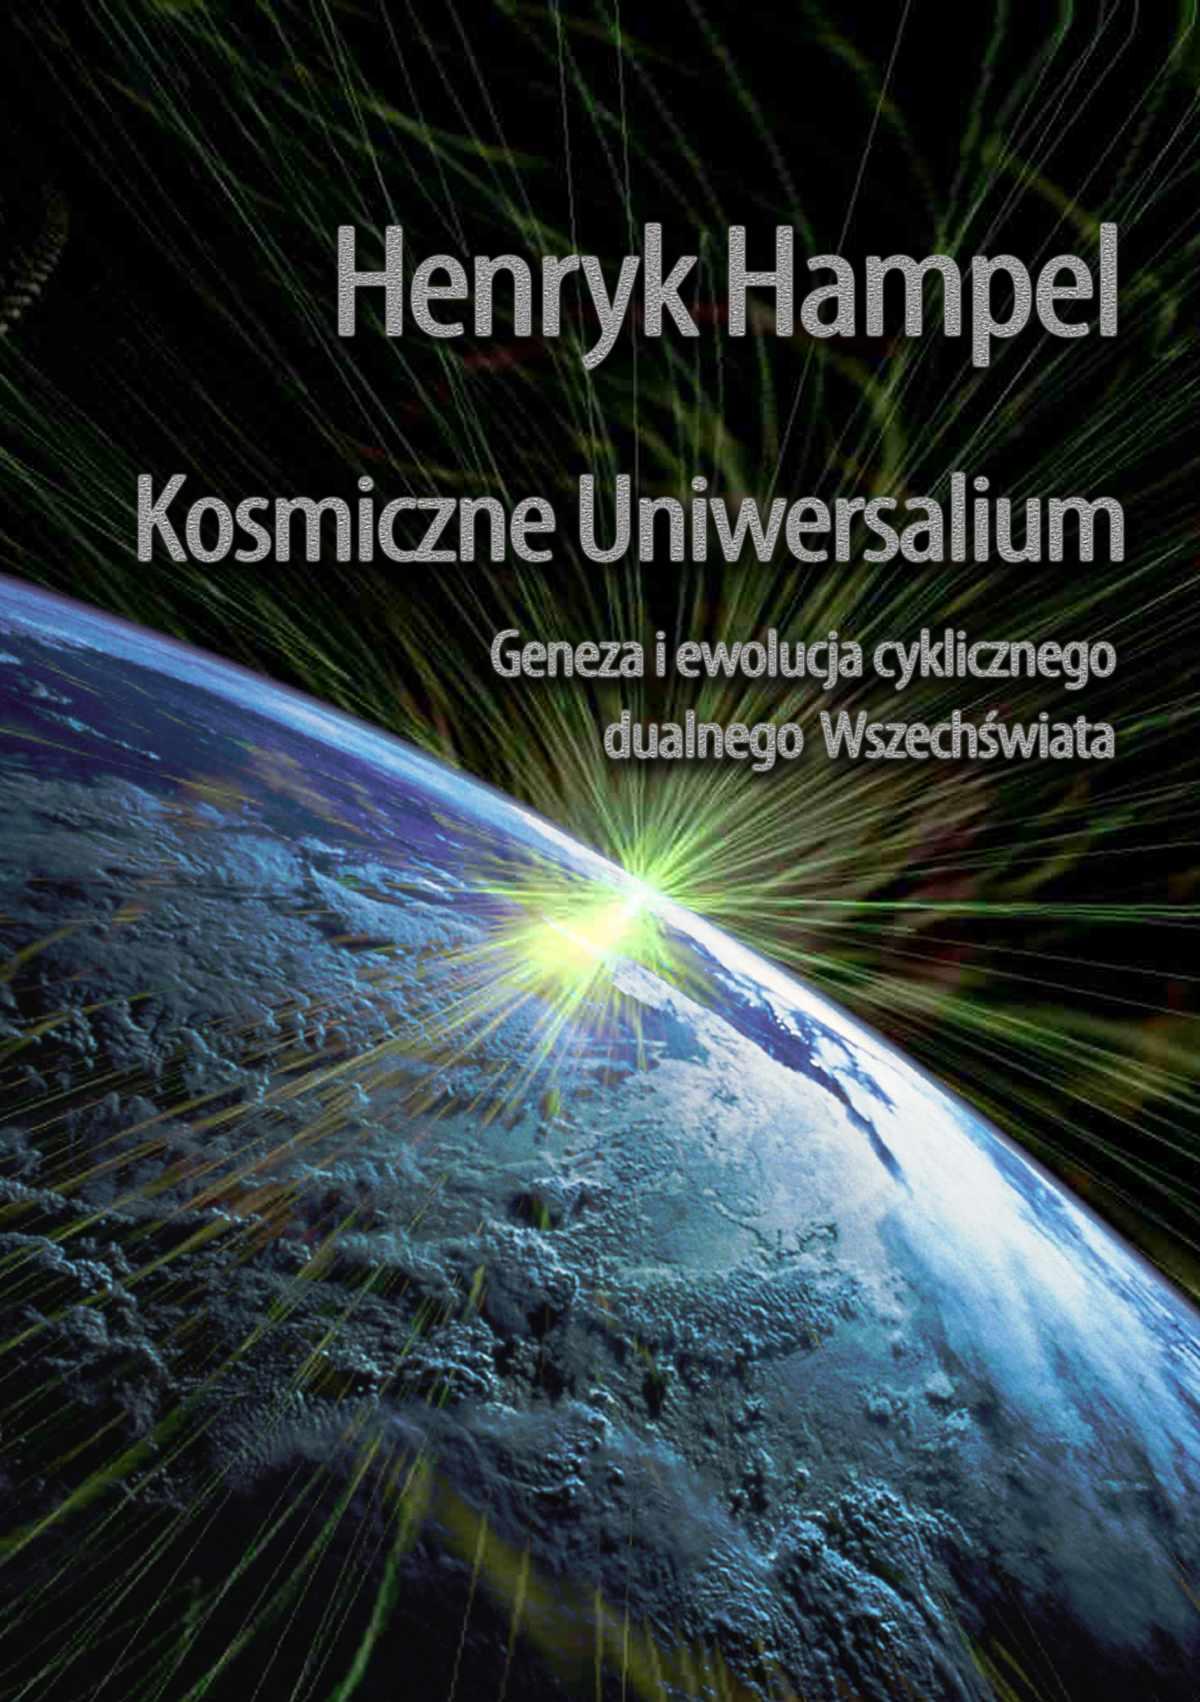 Kosmiczne Uniwersalium. Geneza i ewolucja cyklicznego dualnego Wszechświata - Ebook (Książka PDF) do pobrania w formacie PDF